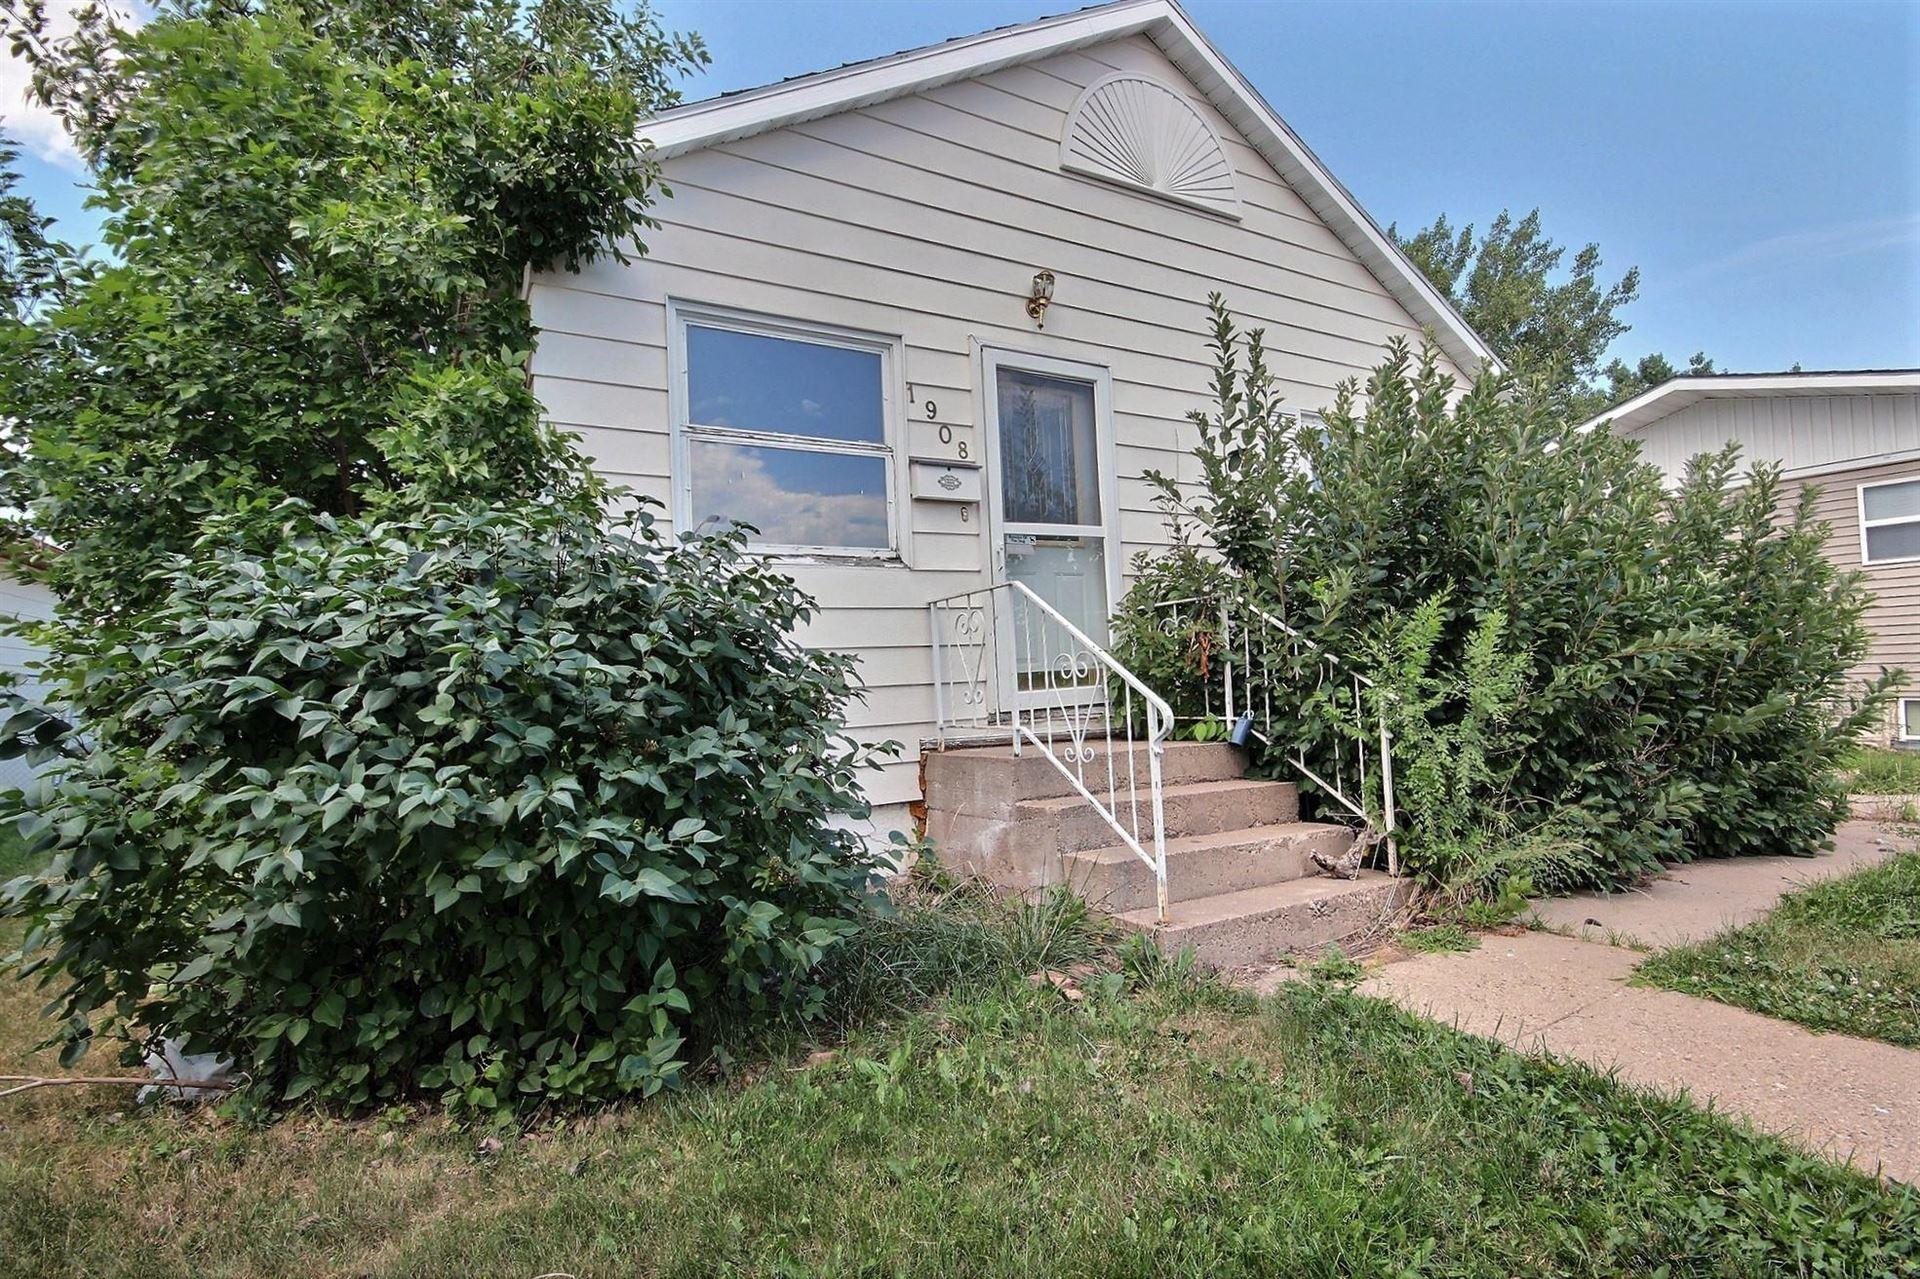 1908 N 14th Street, Bismarck, ND 58501 - #: 406184